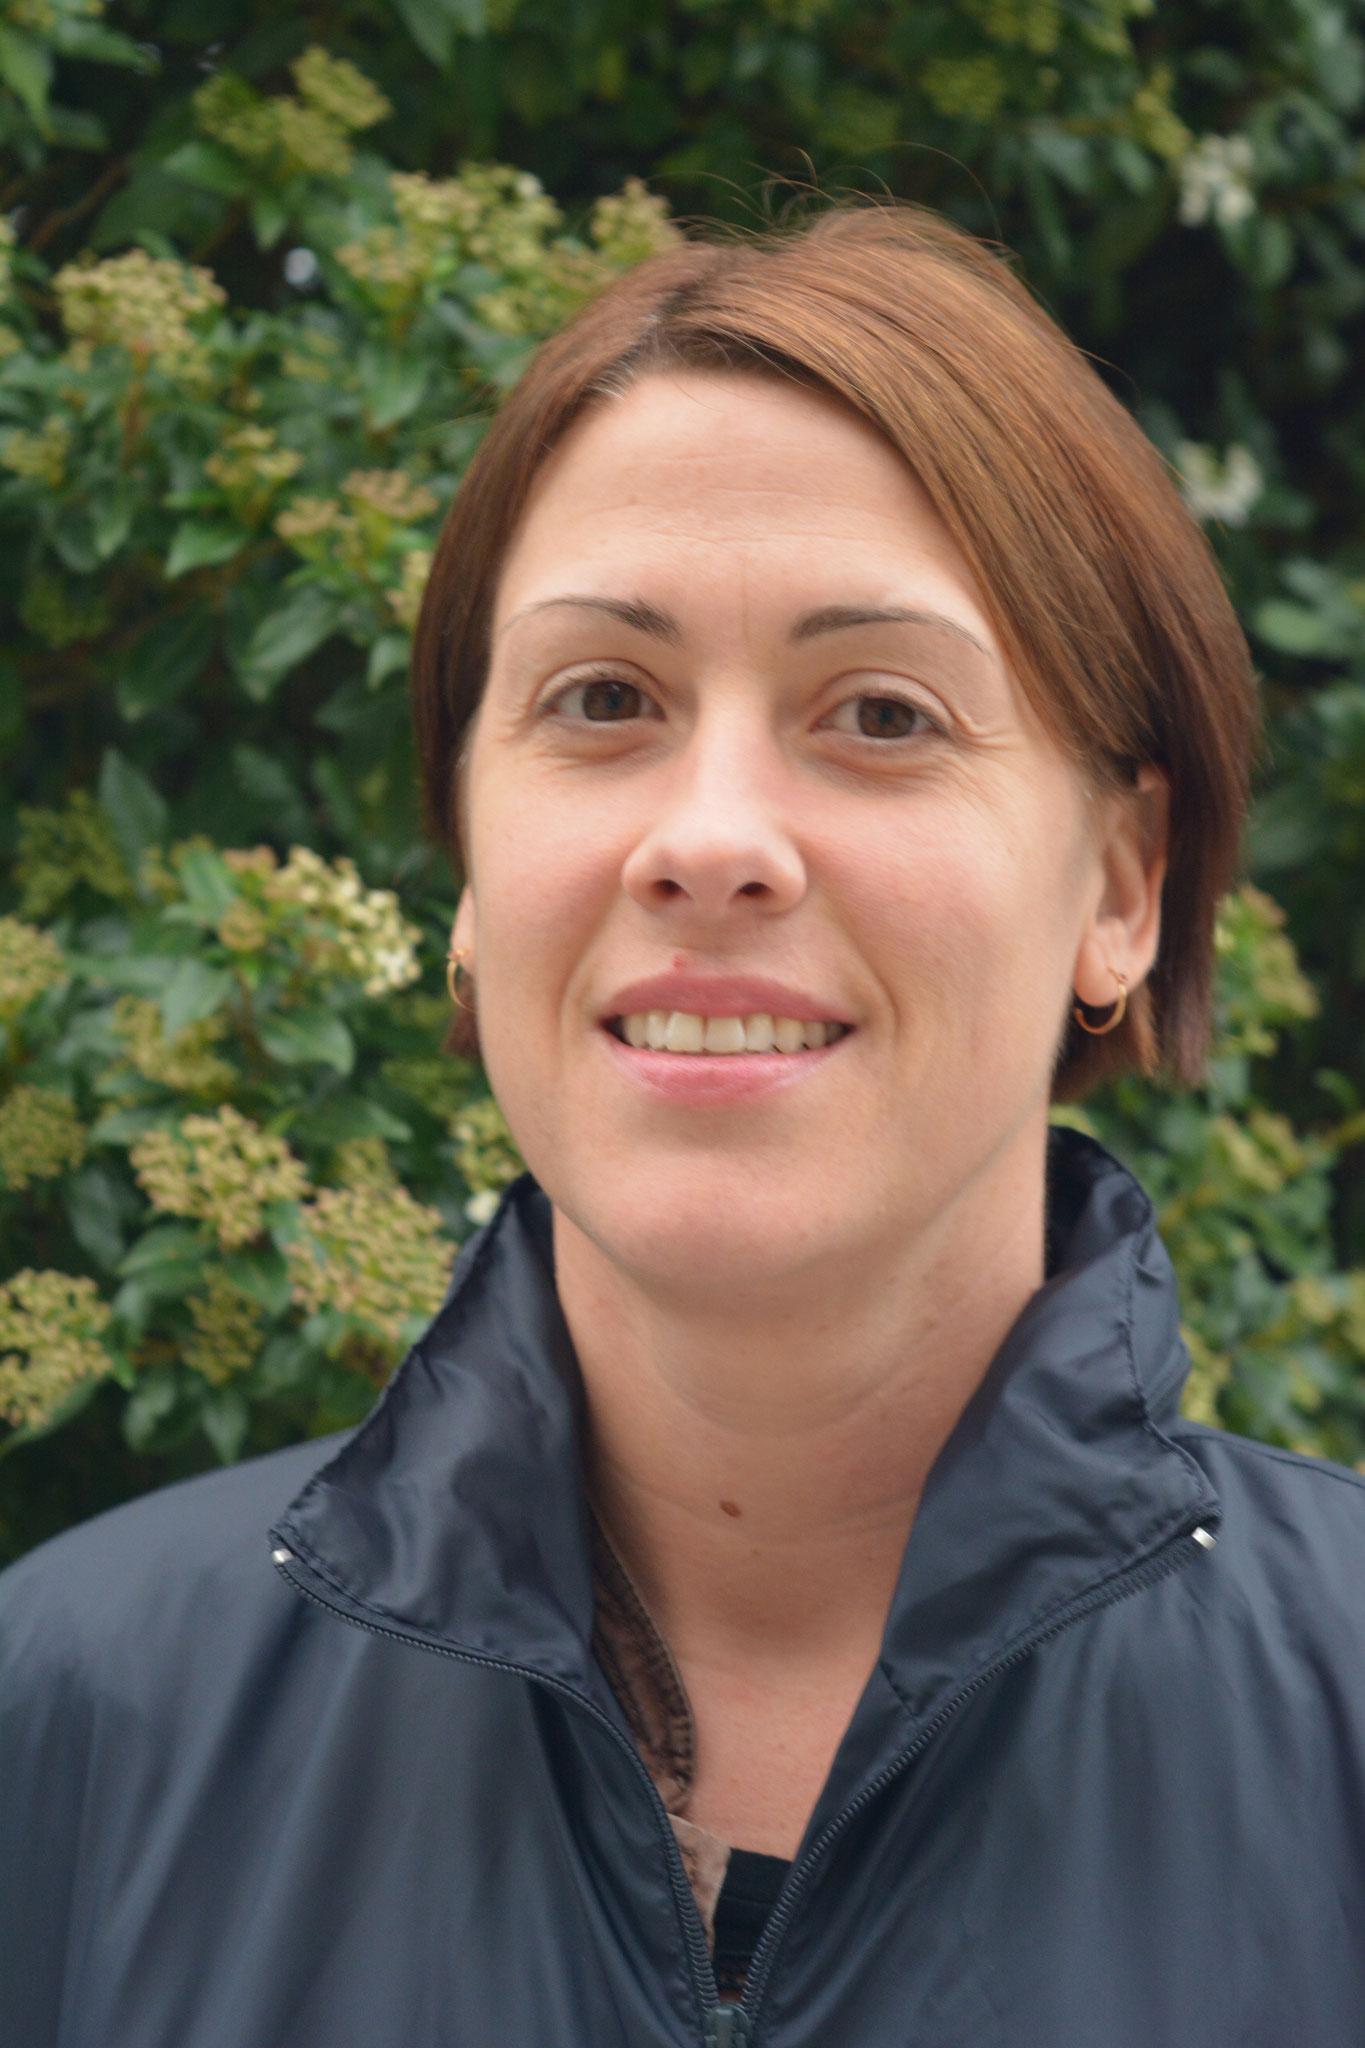 Caroline Pélicot Peyronnet, 38 ans, Responsable Relations Publiques